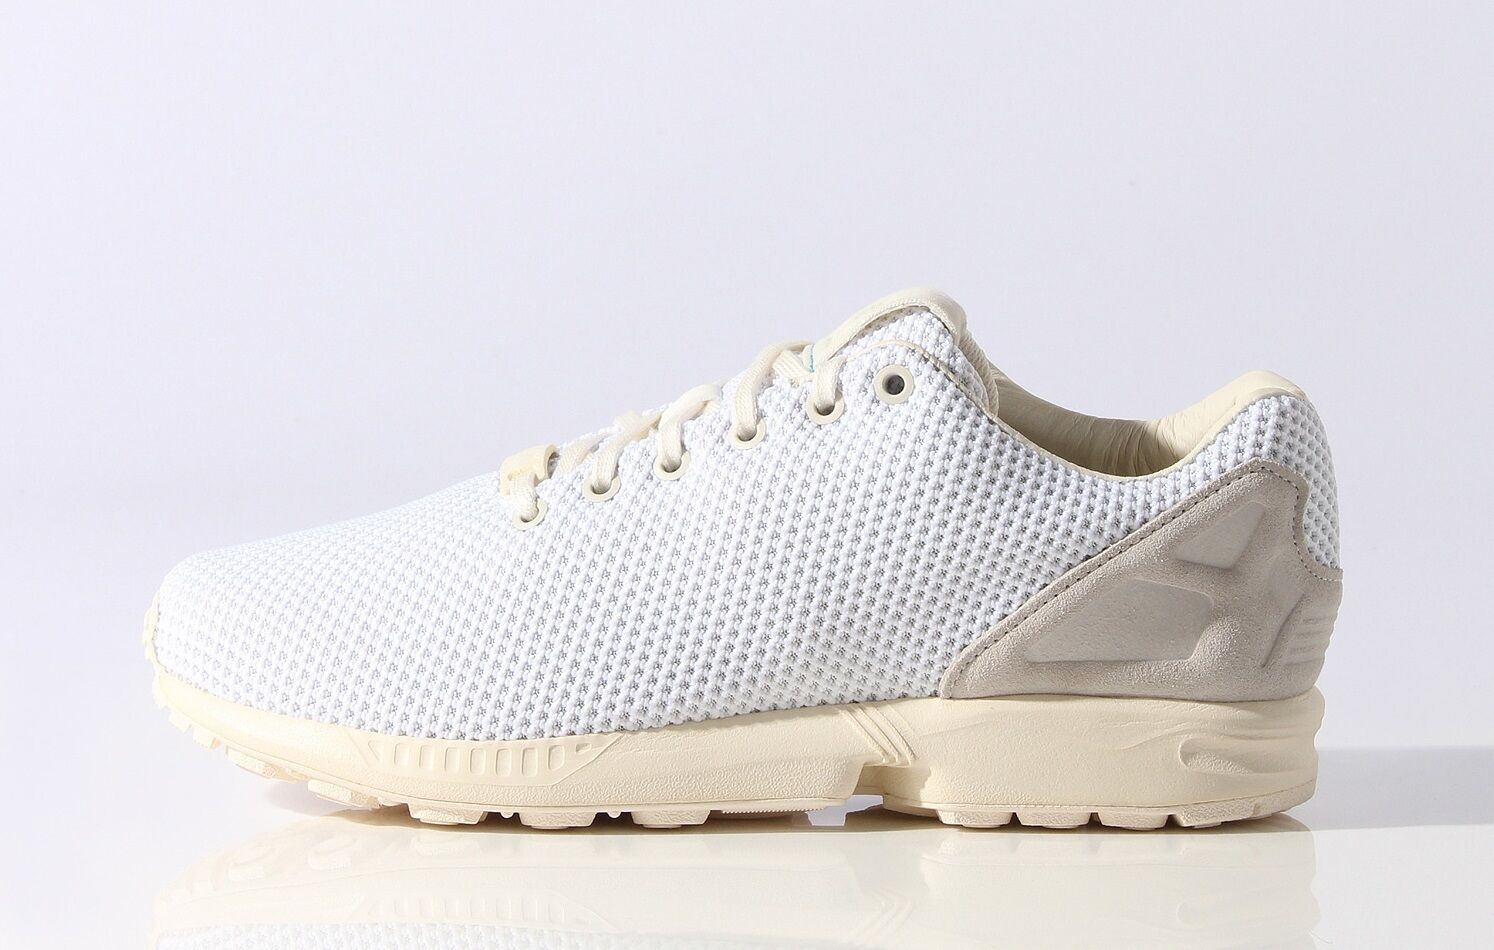 Adidas Originals ZX Flux Blanco Textil Para 8.5 hombre Zapatillas Zapatos _ 8.5 Para _ 9 009353